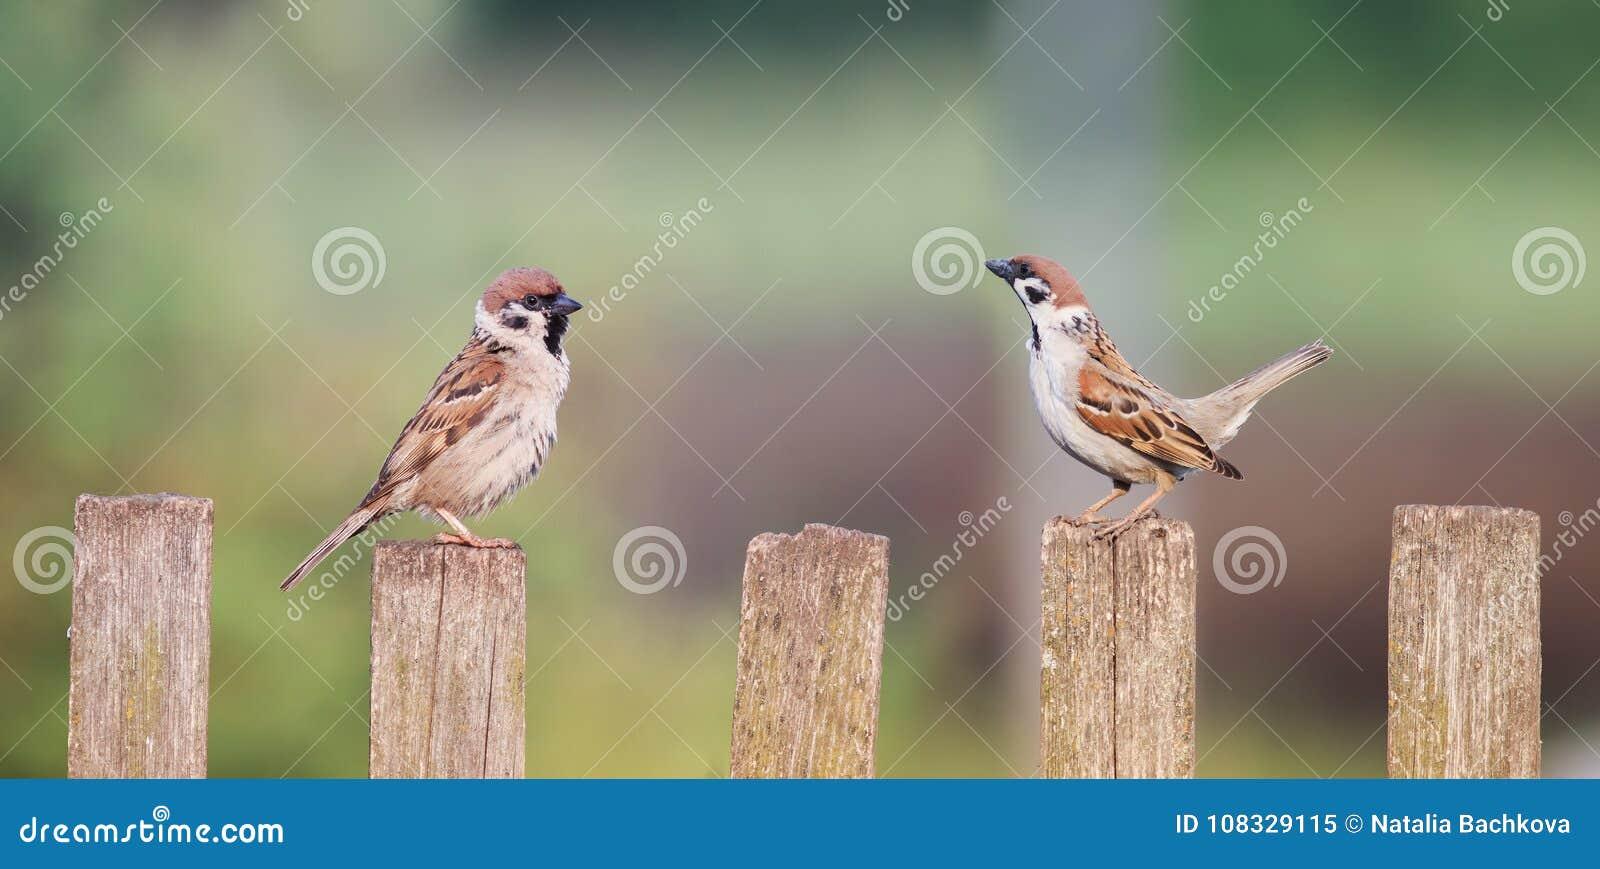 Μερικά μικρά πουλιά που κάθονται σε έναν παλαιό ξύλινο φράκτη δίπλα